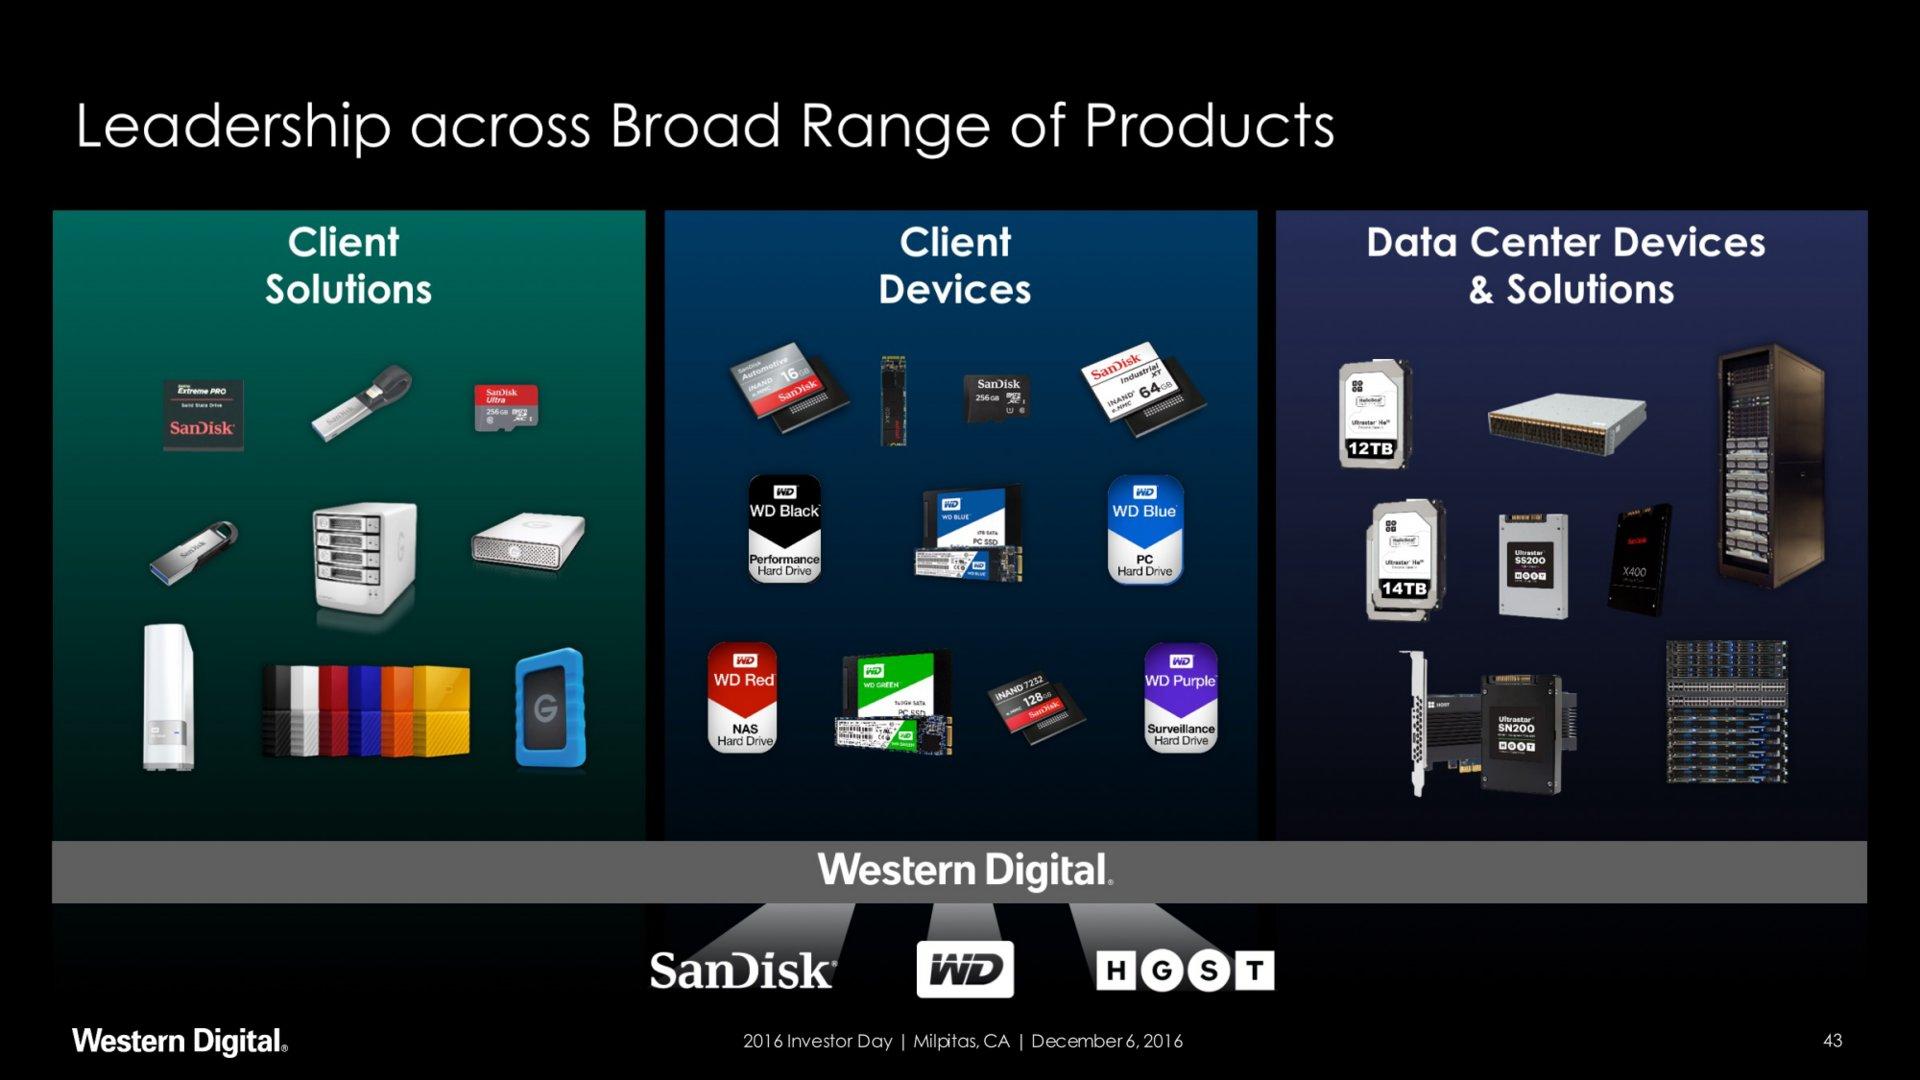 Markenvielfalt: HGST, SanDisk und WD